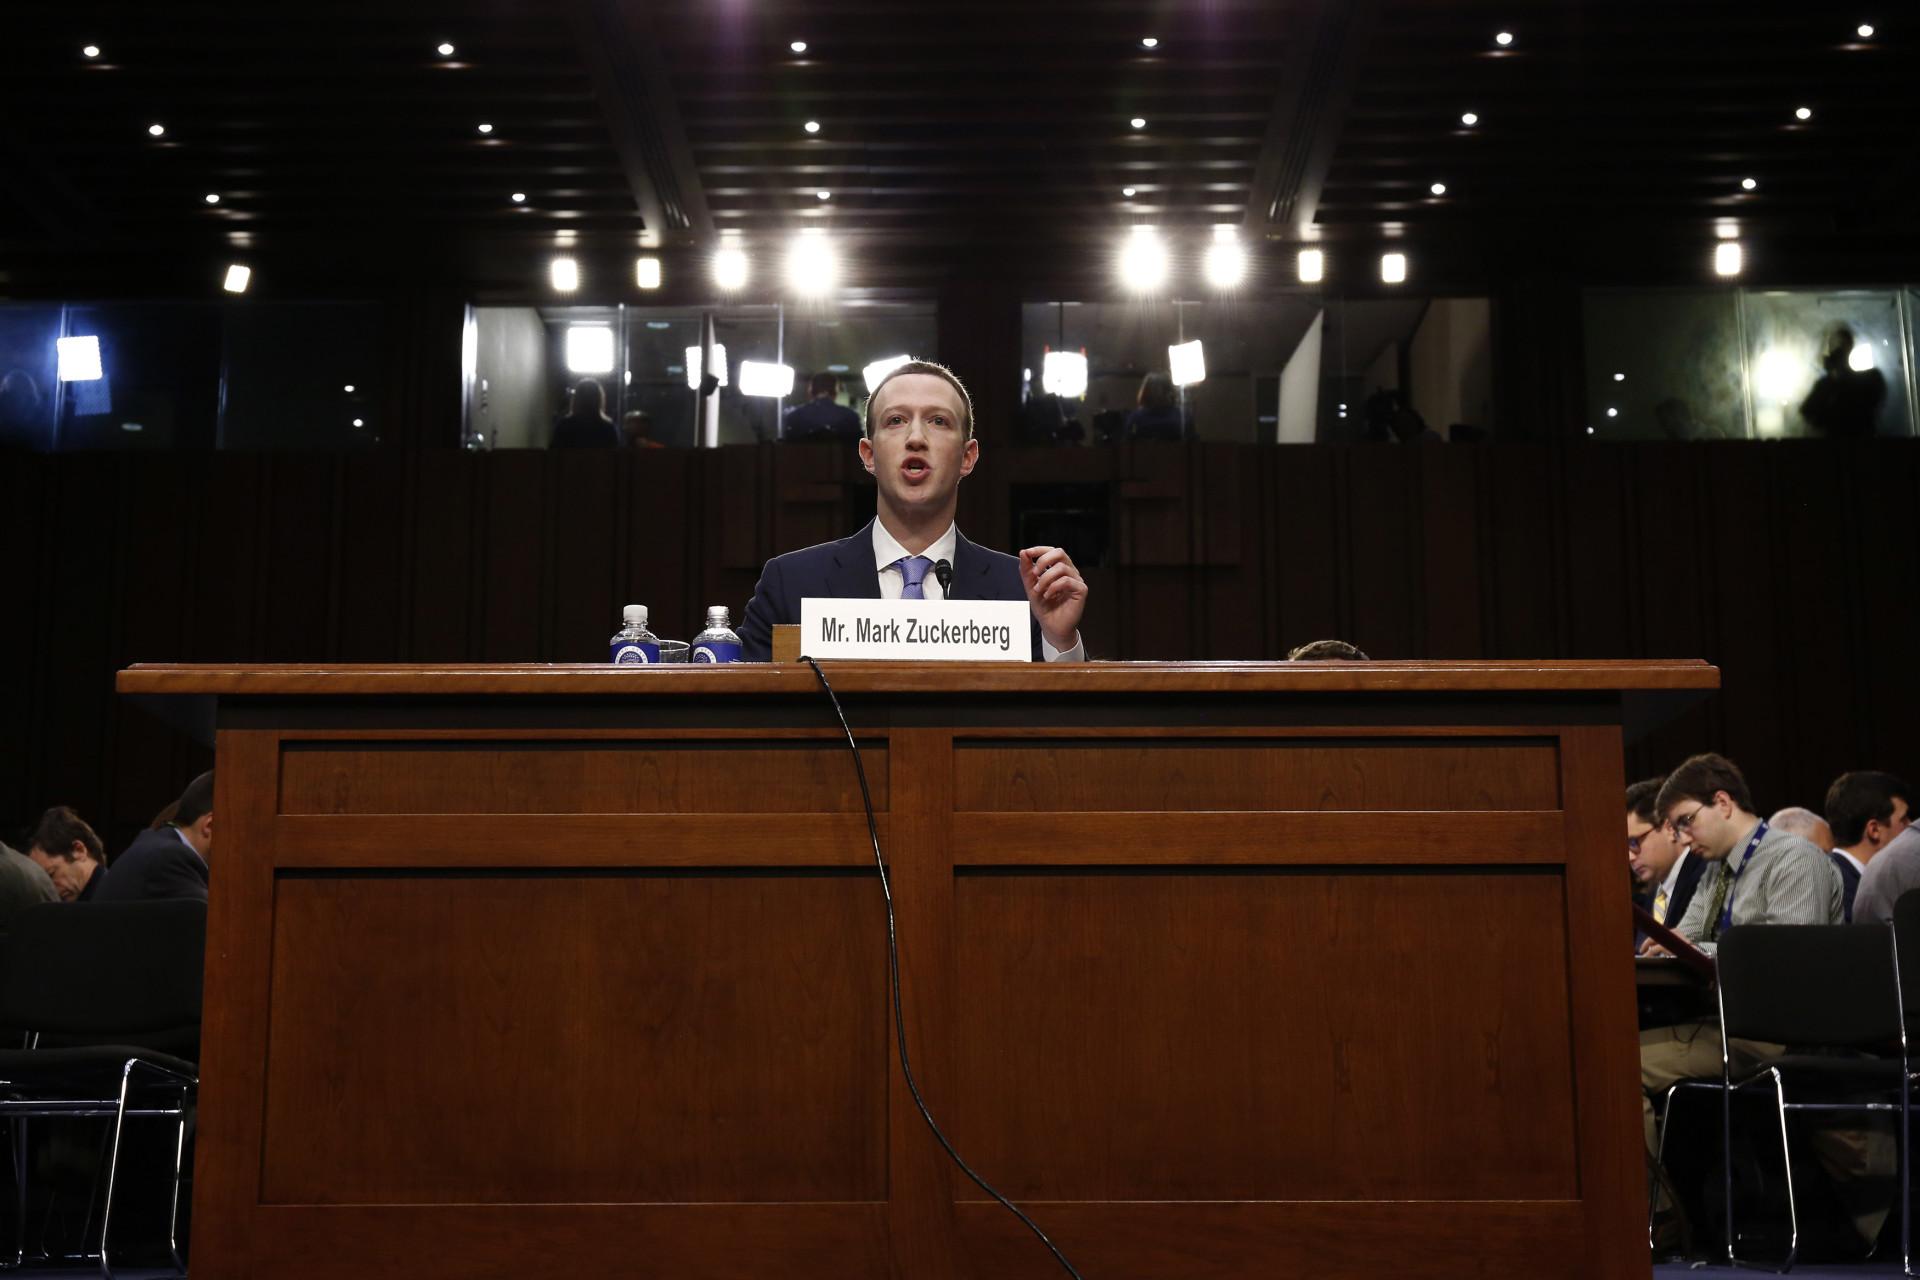 As perguntas e comentários mais insólitos das audiências a Zuckerberg